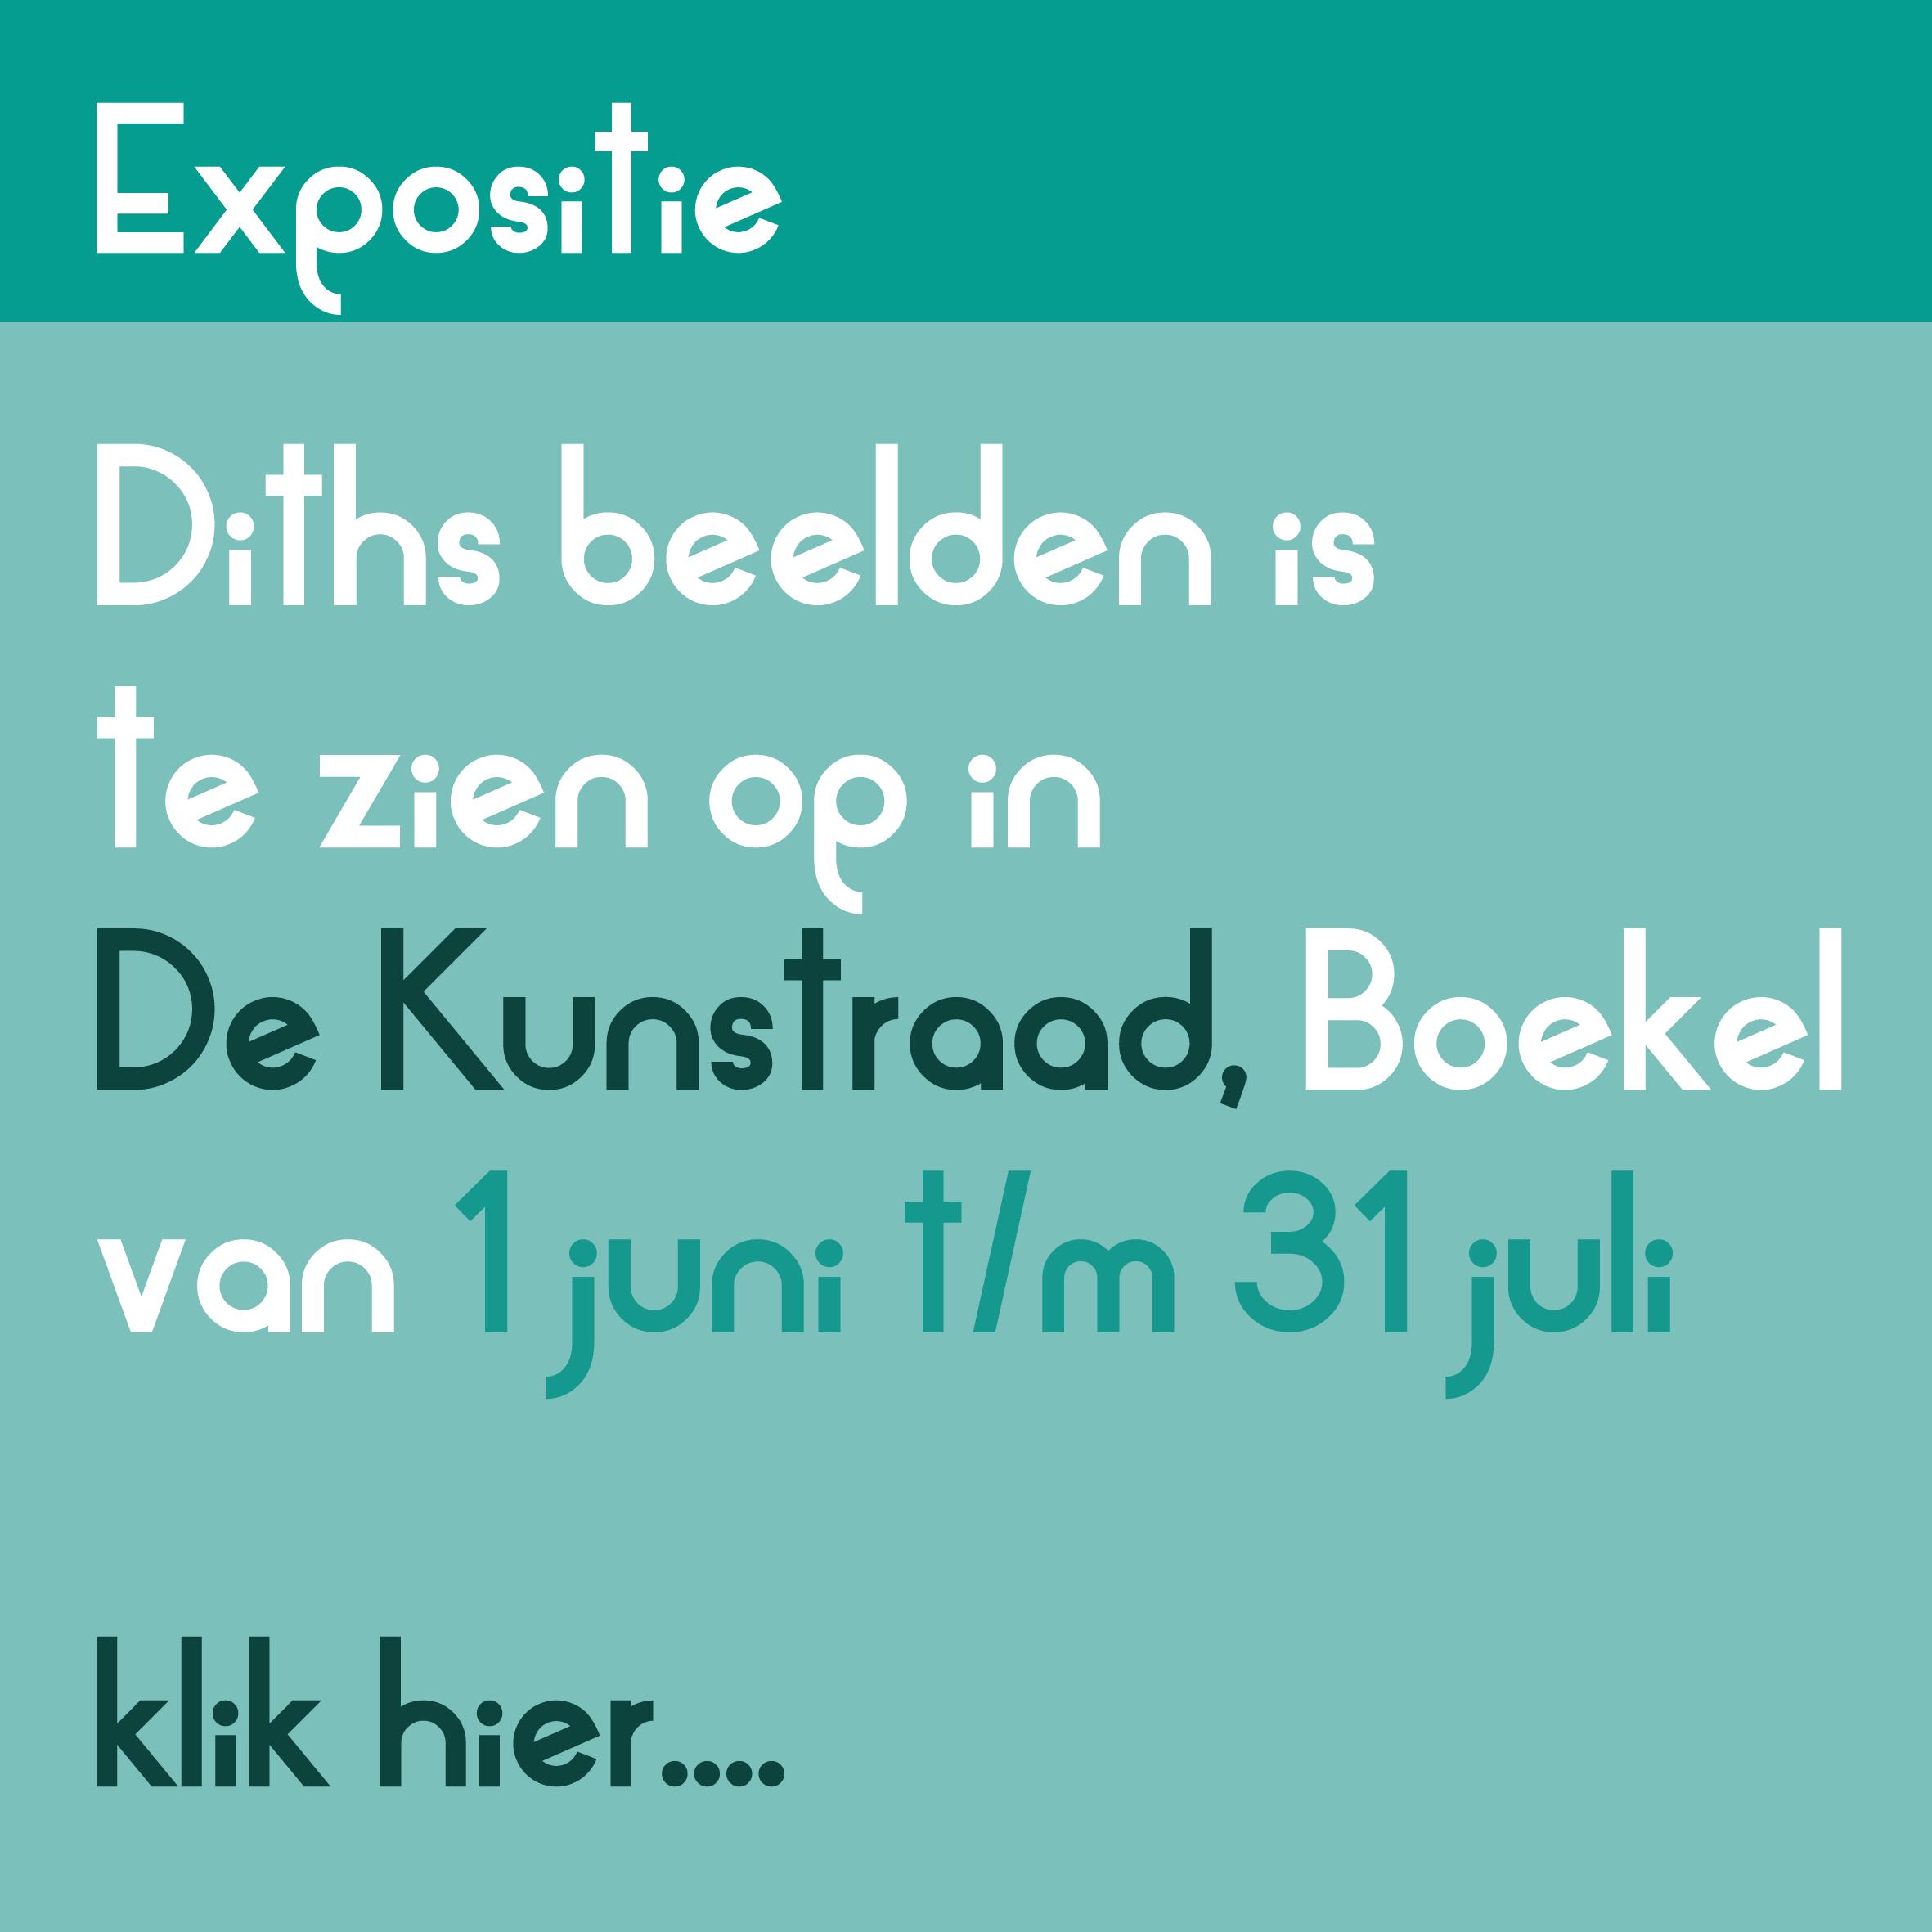 Nieuws_Expositie_Kunstraad Boekel